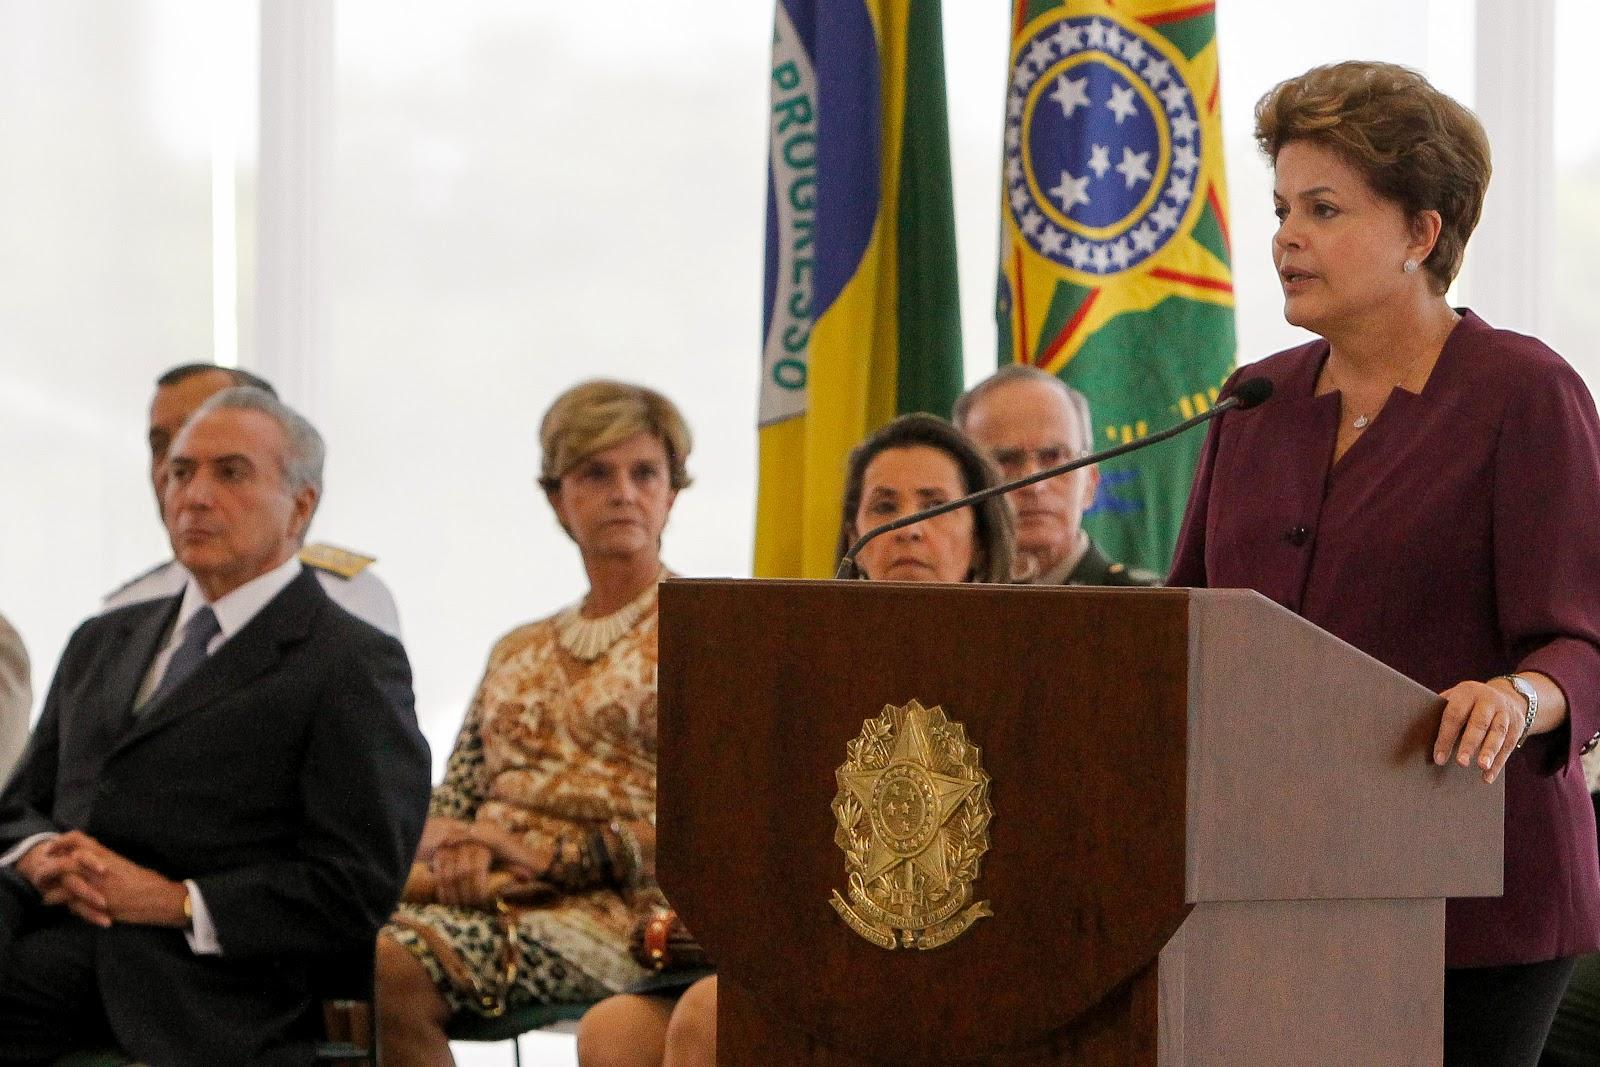 Maioridade Penal: Dilma defende mudar o ECA para aumentar punição em caso de crime hediondo